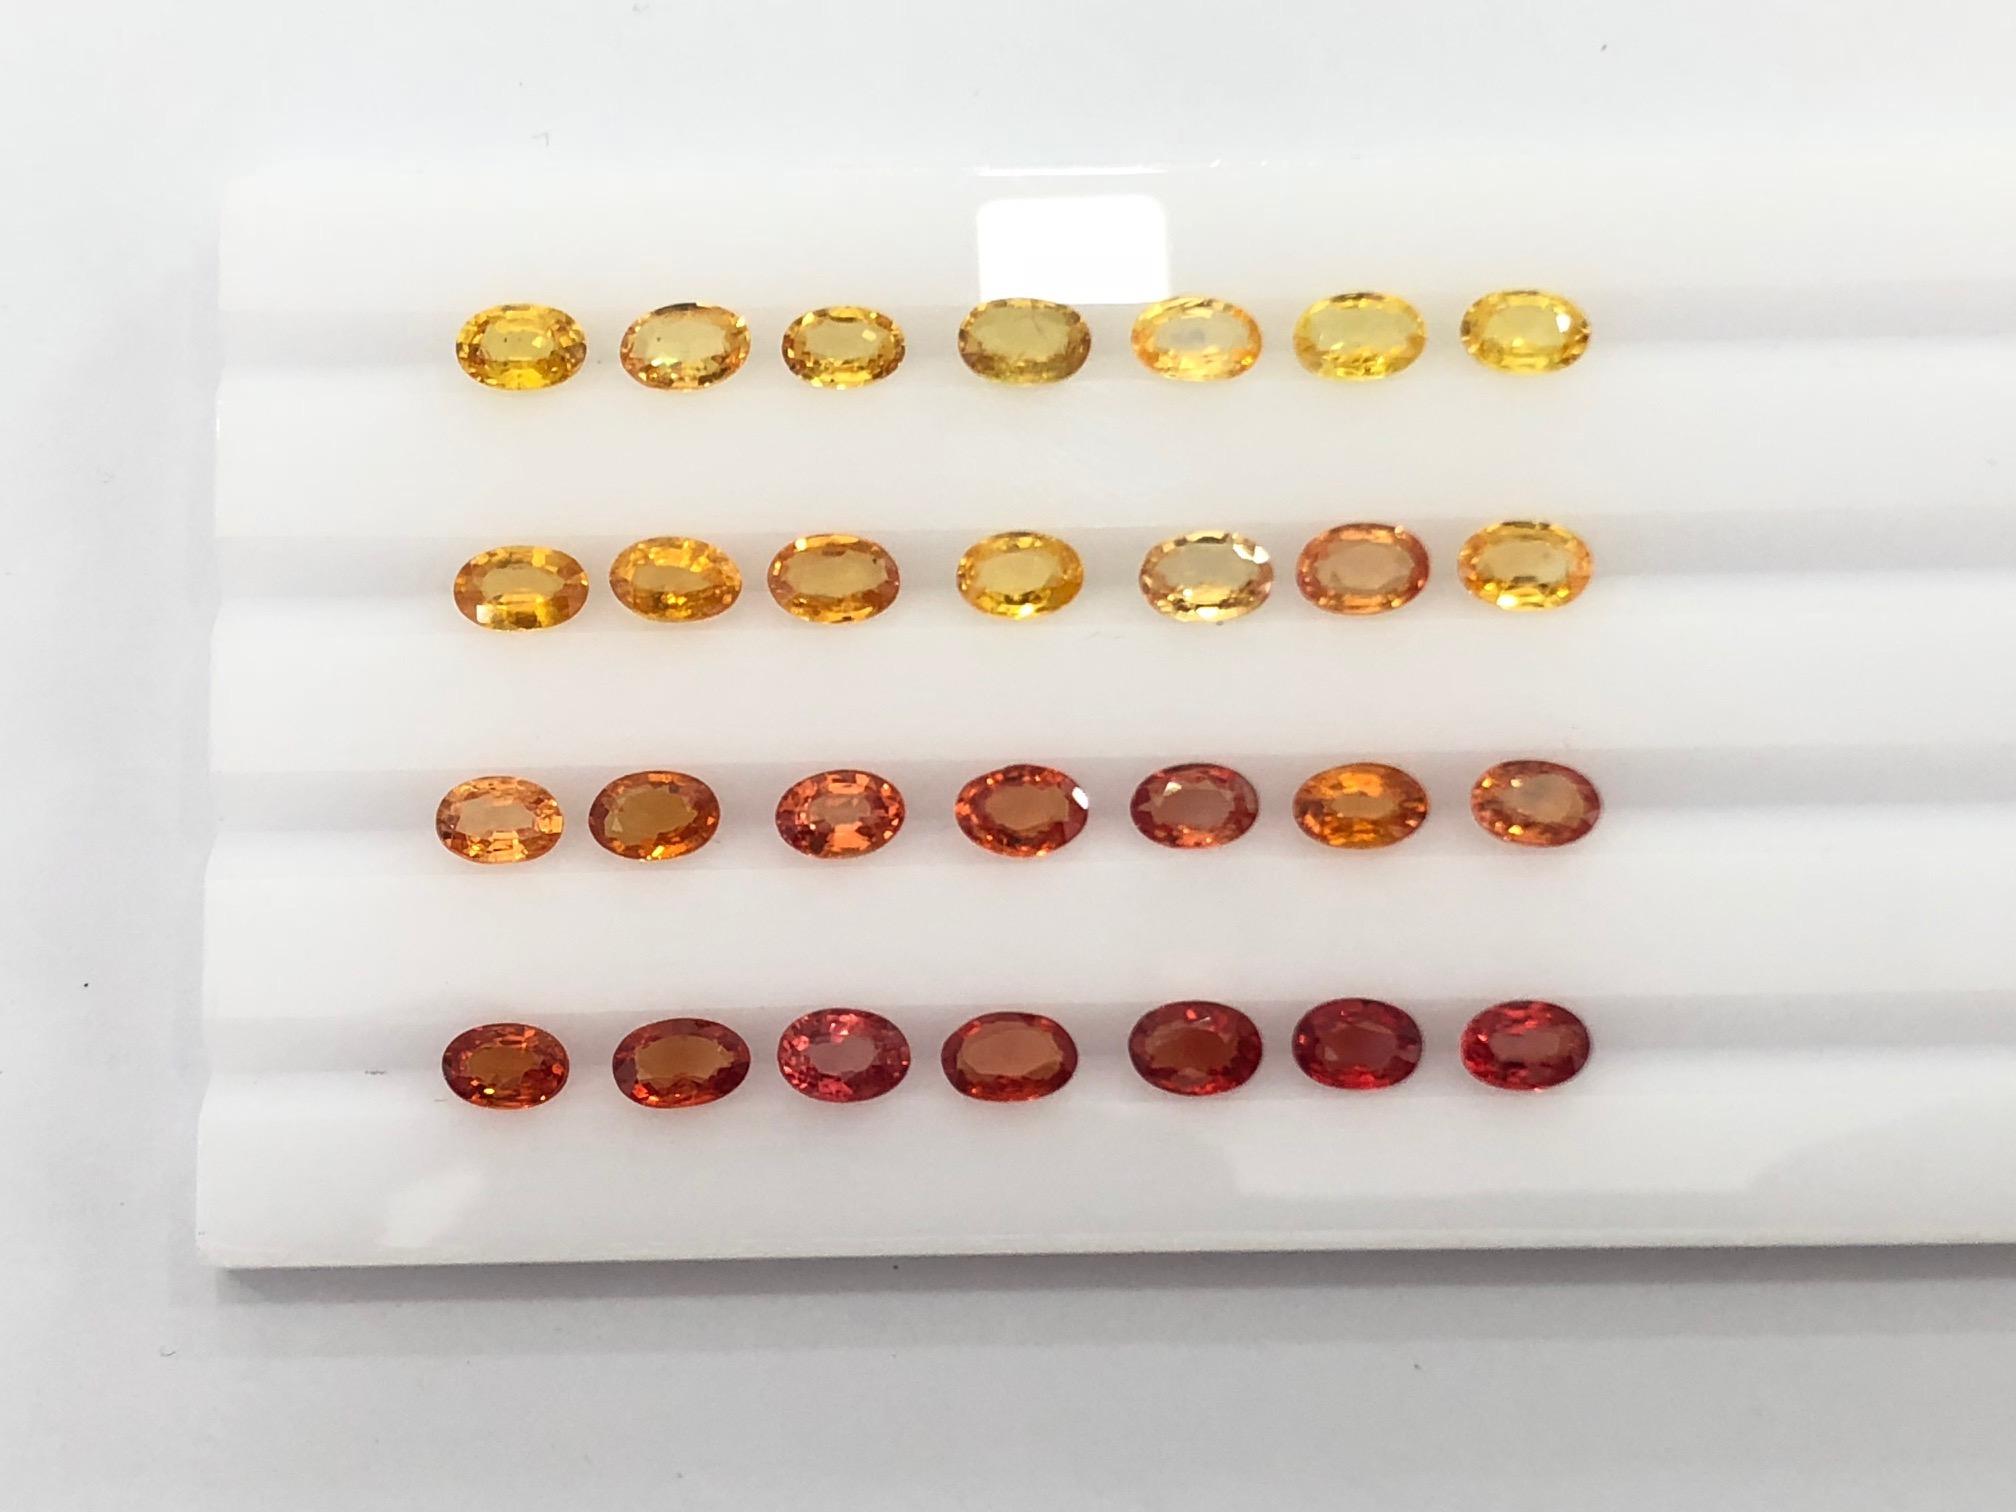 eternity yellow sapphire stones